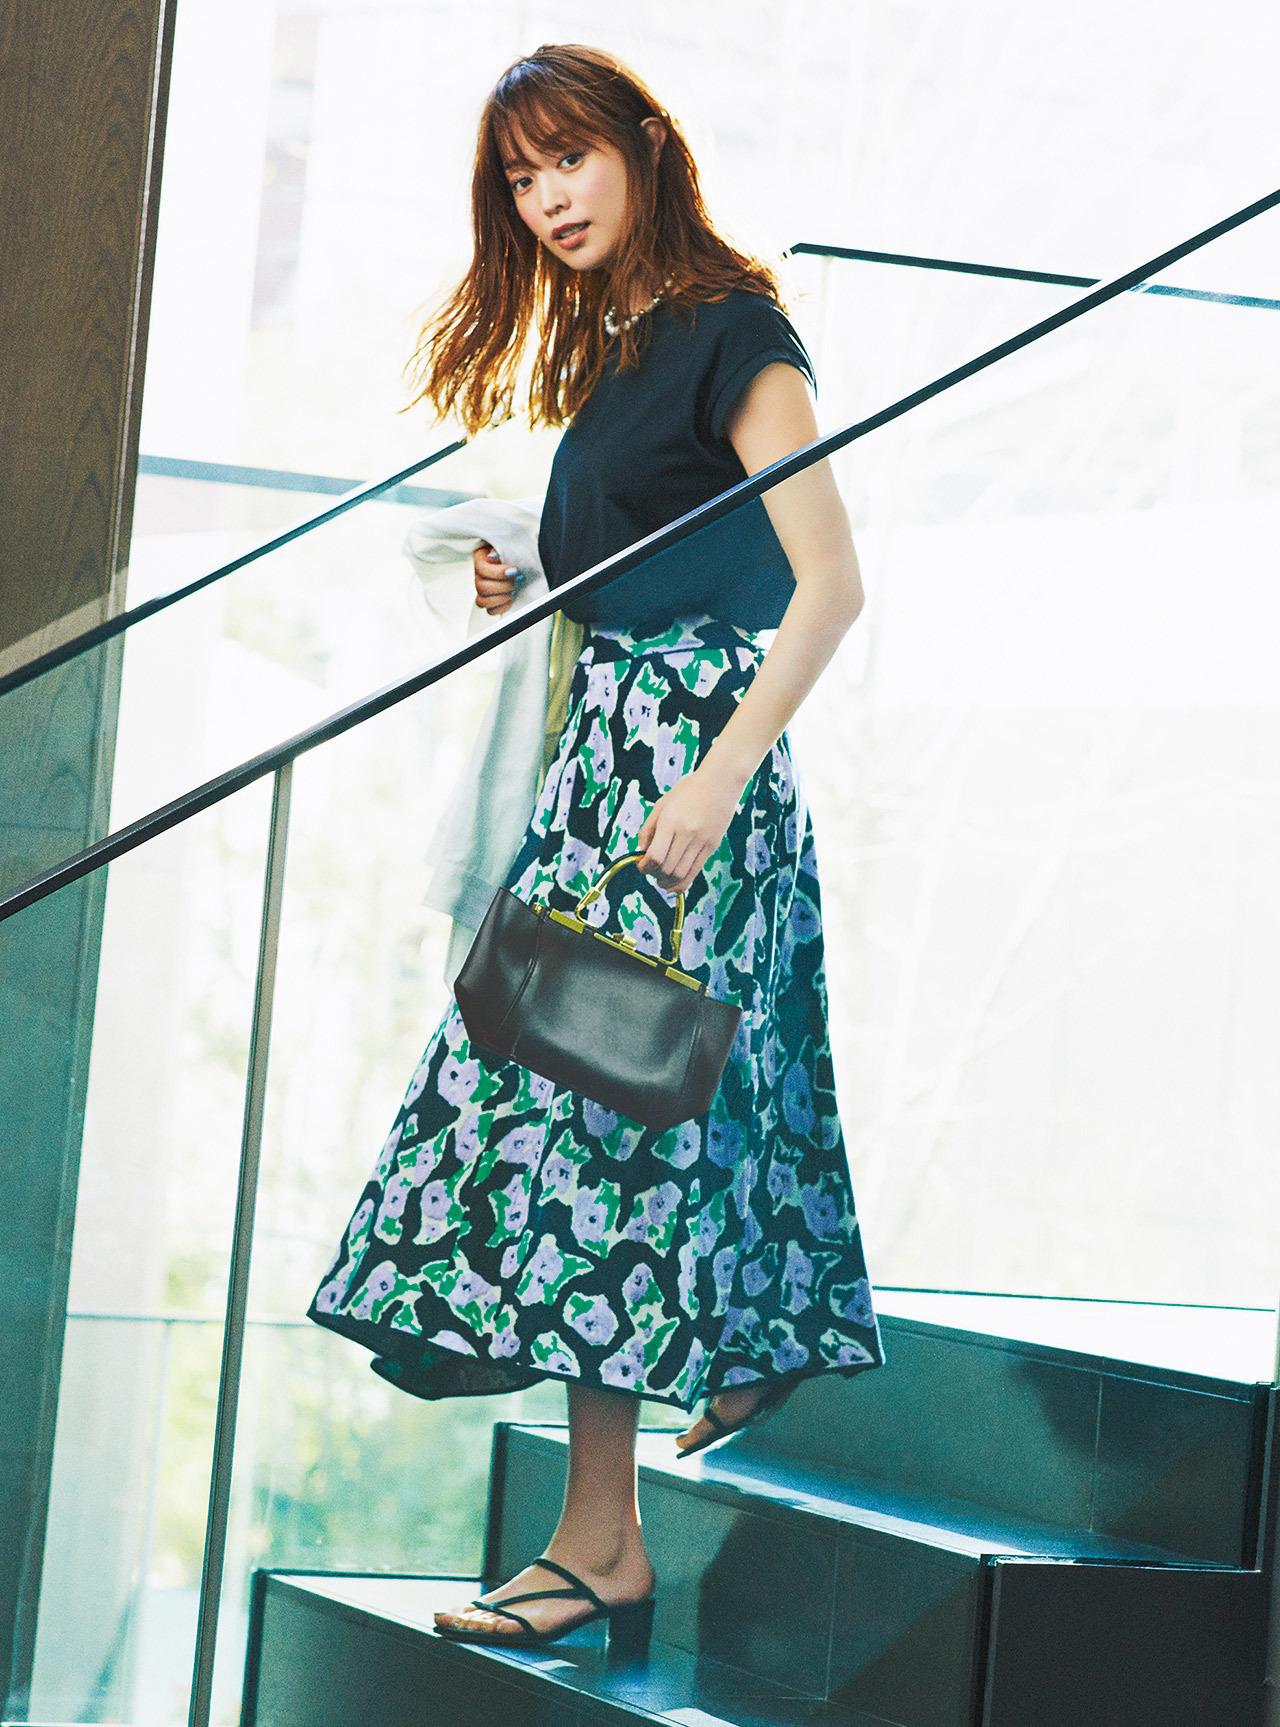 黒Tシャツ×花柄スカートのフェミニンファッションコーデ